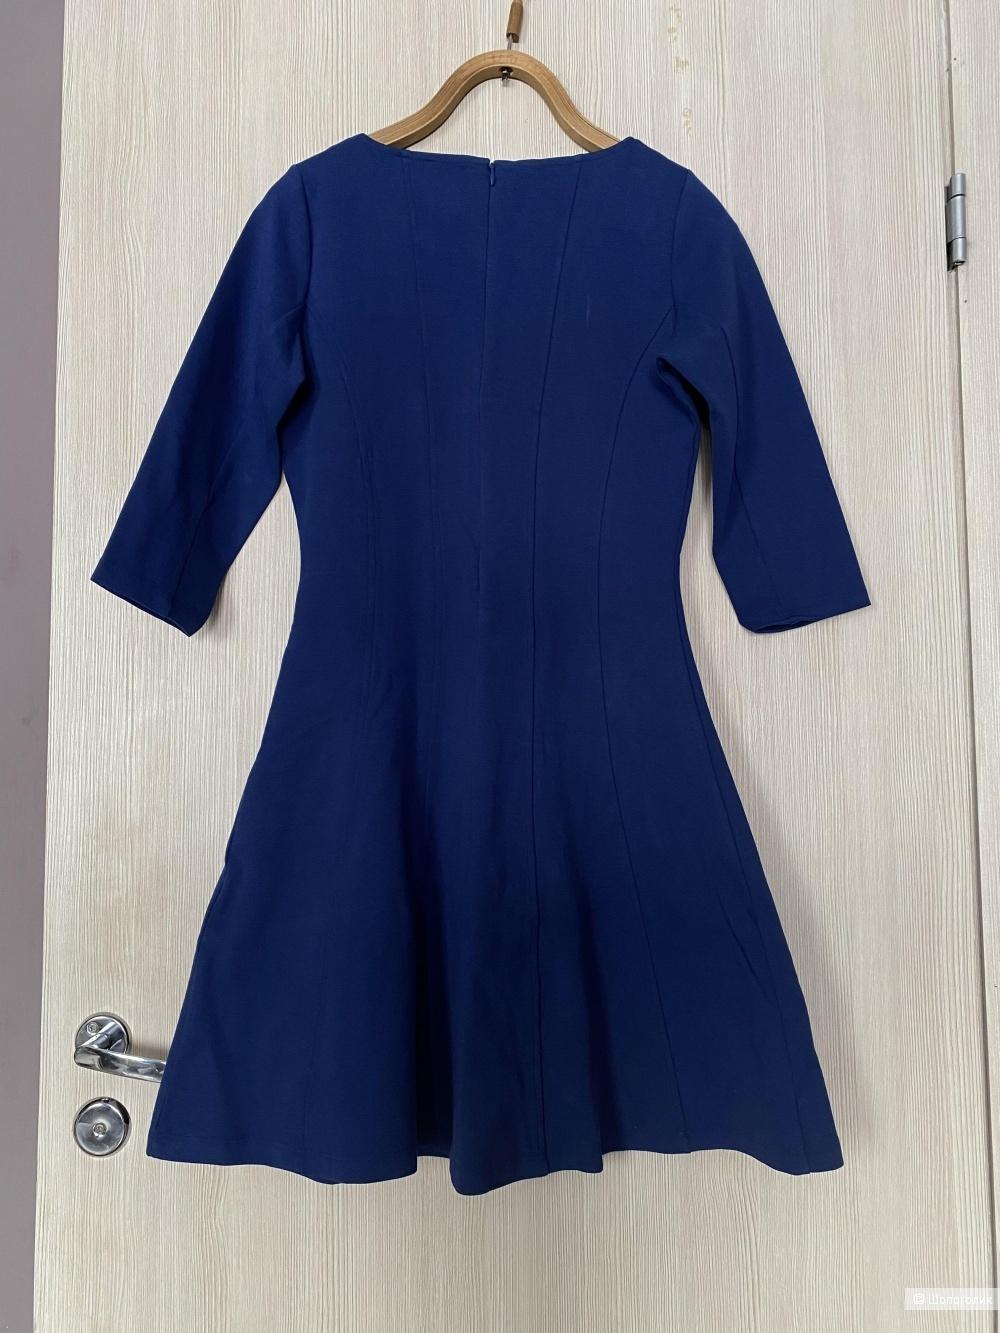 Платье Lacoste, pp 36 (s)